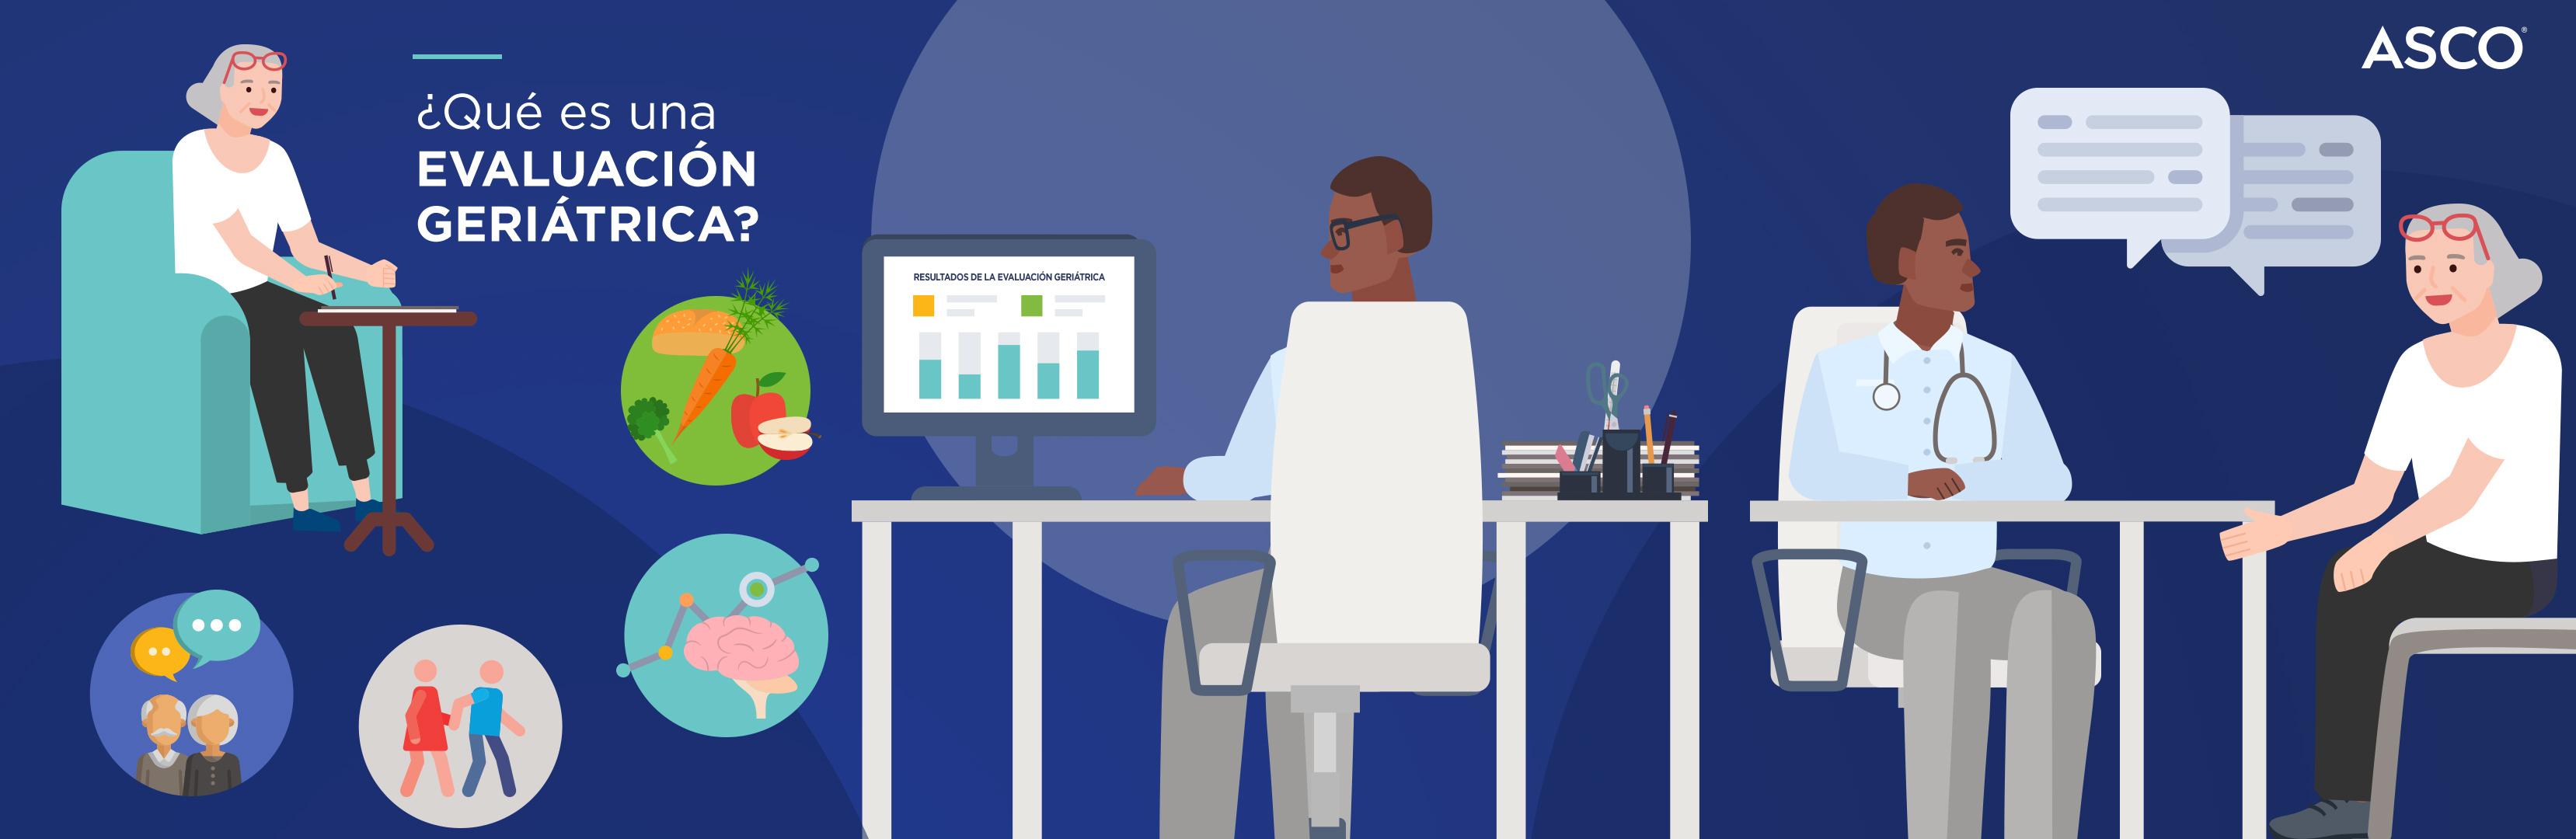 ¿Qué es una evaluación geriátrica? ASCO ®